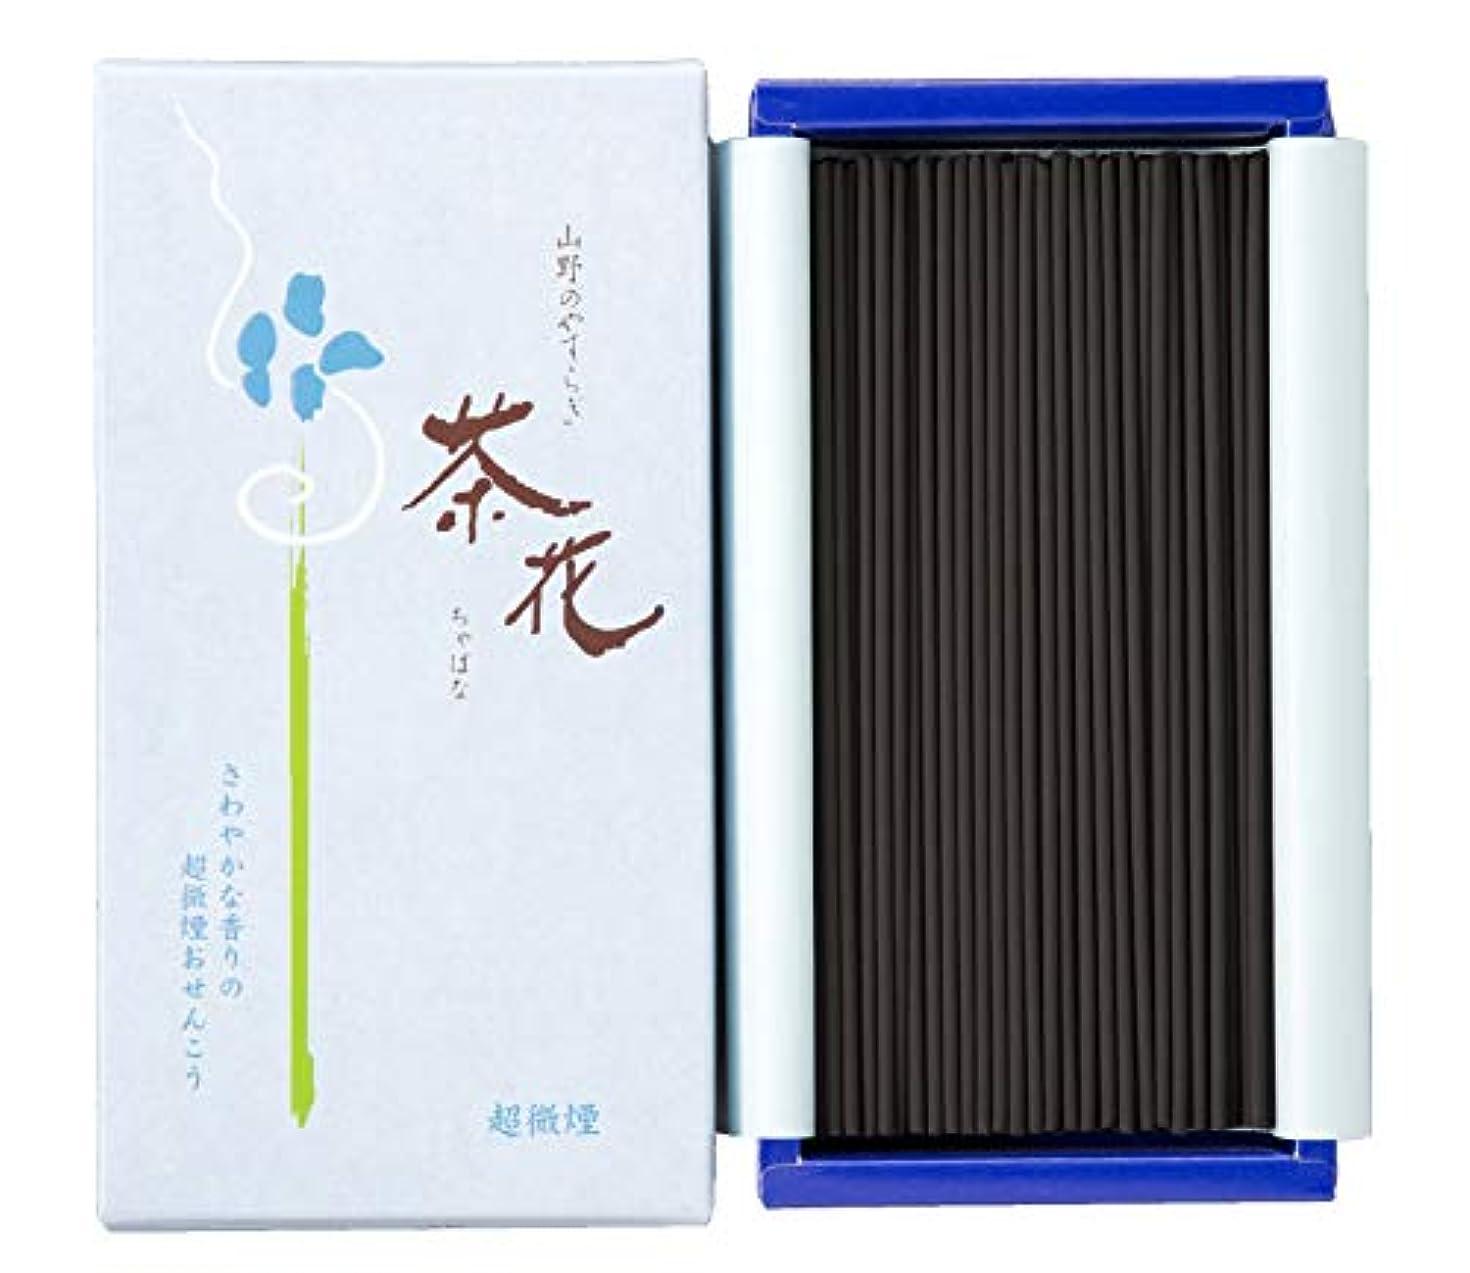 シンボル松葡萄尚林堂 茶花 超微煙 小型バラ詰 159120-1060